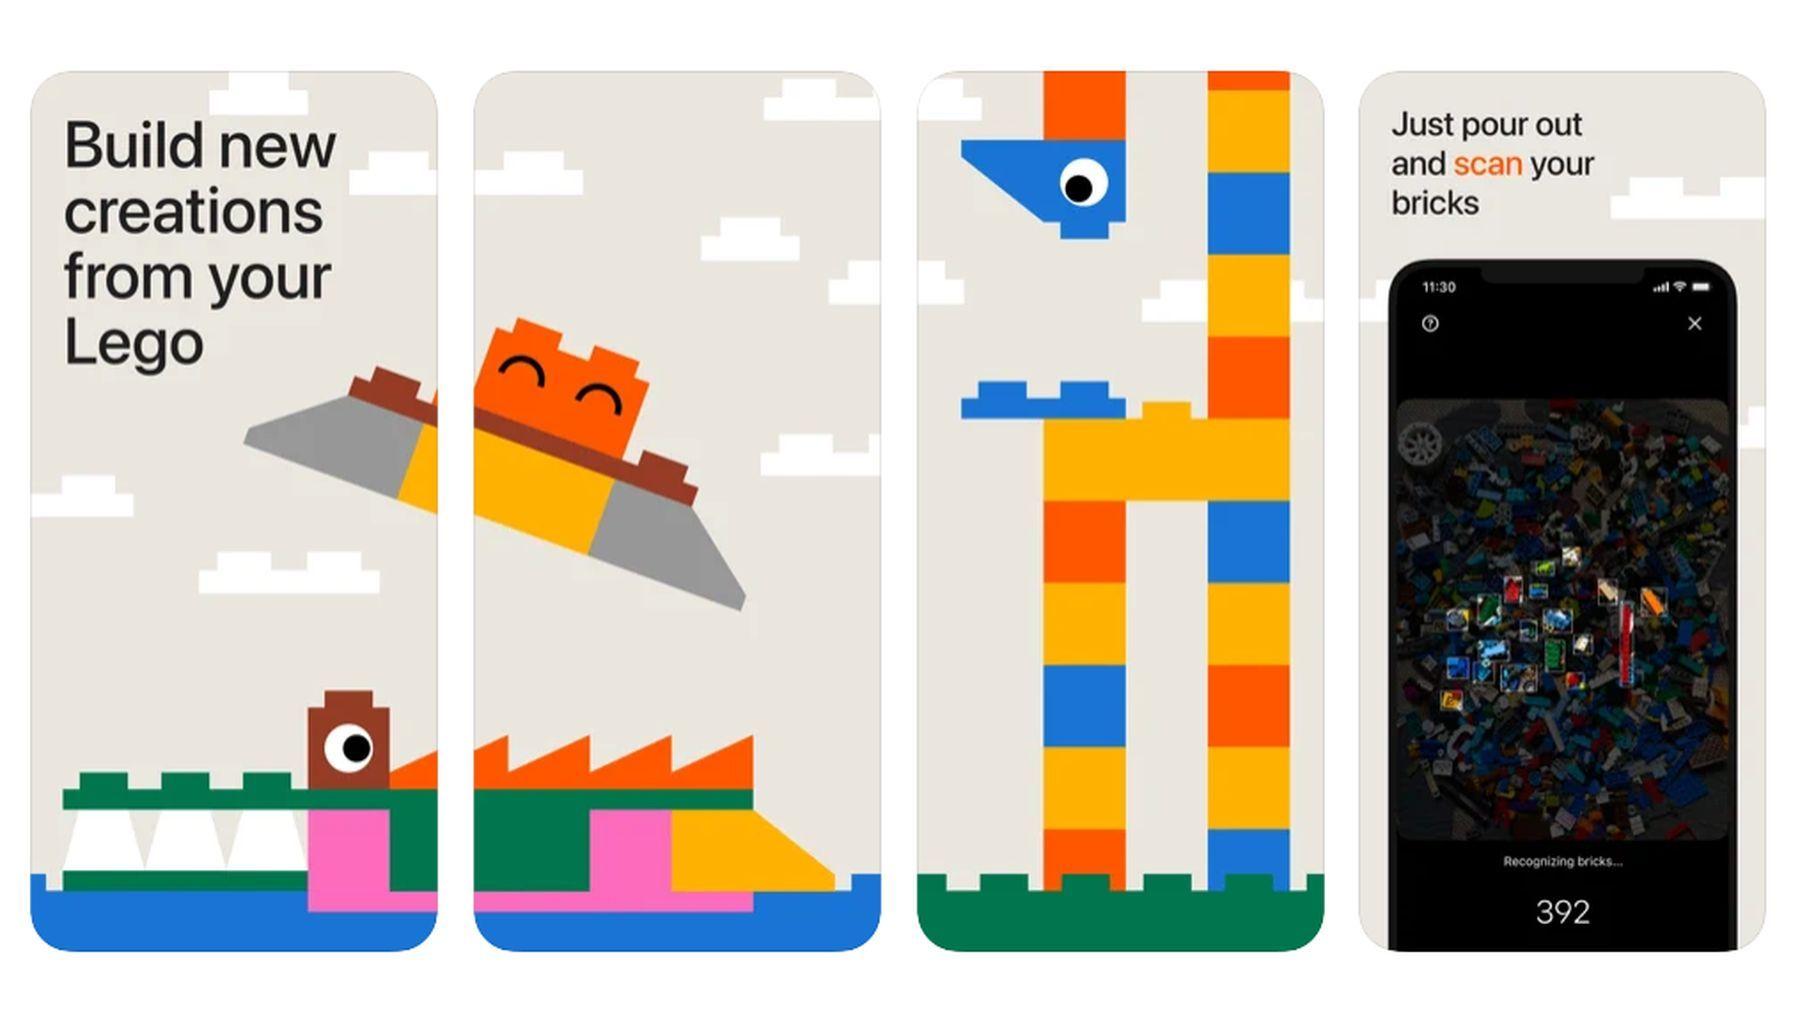 Eine App, die LEGO-Steine scannt und Bauvorschläge erstellt   Nerd-Kram   Was is hier eigentlich los?